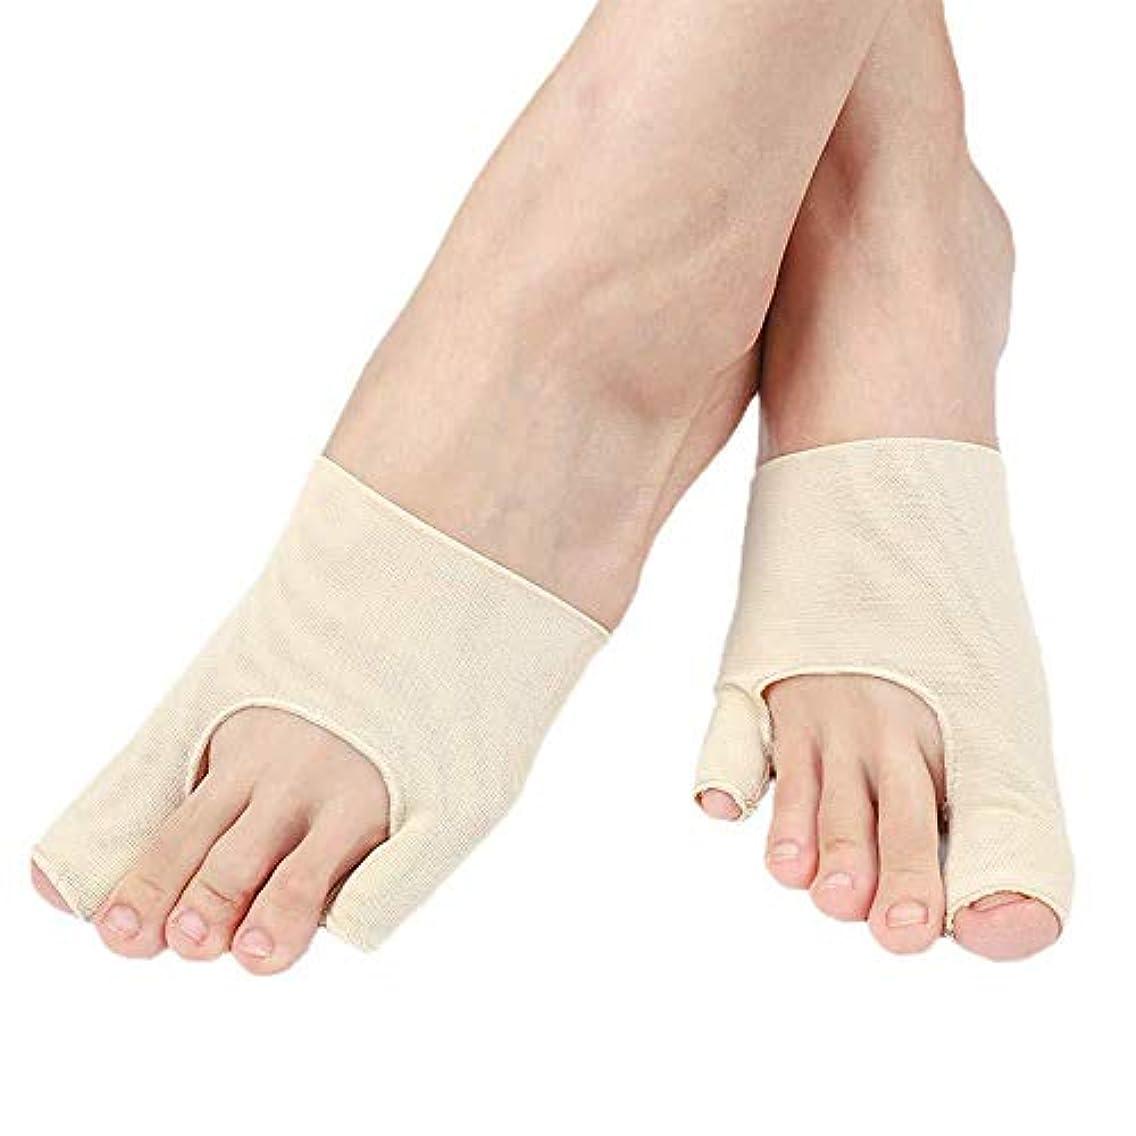 木ごちそうセットアップつま先セパレーター、Orthoticsの足の親指の矯正、つま先の痛み緩和スリーブ、外反母painの痛みを緩和するための組み込みシリコンゲルパッド,S